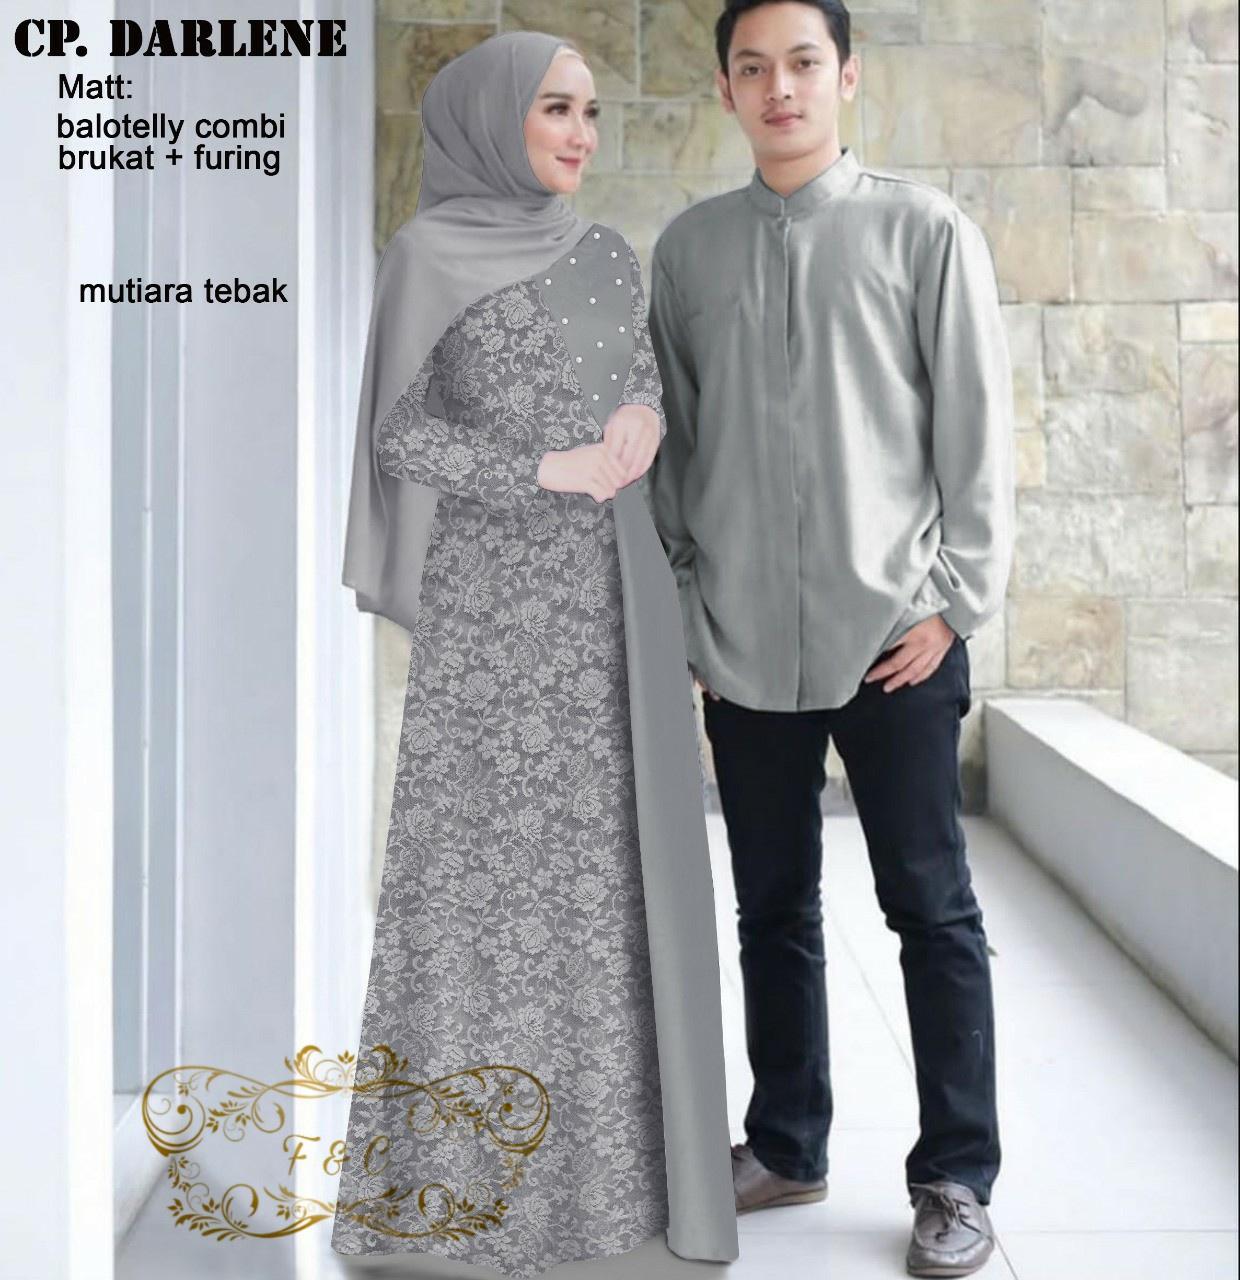 Baju muslim couple terbaru / Busana muslim murah / Couple Pasangan / Gamis  dan koko lengan panjang / Cp darlene